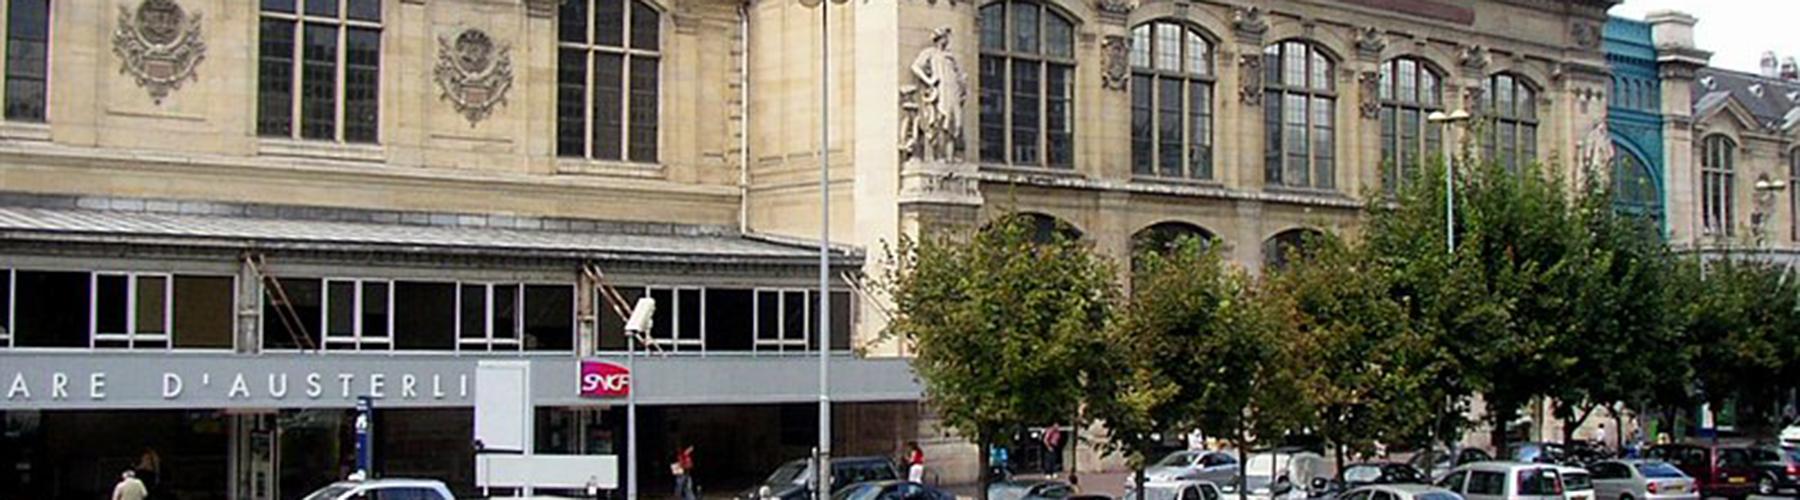 파리 - 오스테를리쯔 역와 가까운 호스텔. 파리의 지도, 파리에 위치한 호스텔 사진 및 후기 정보.